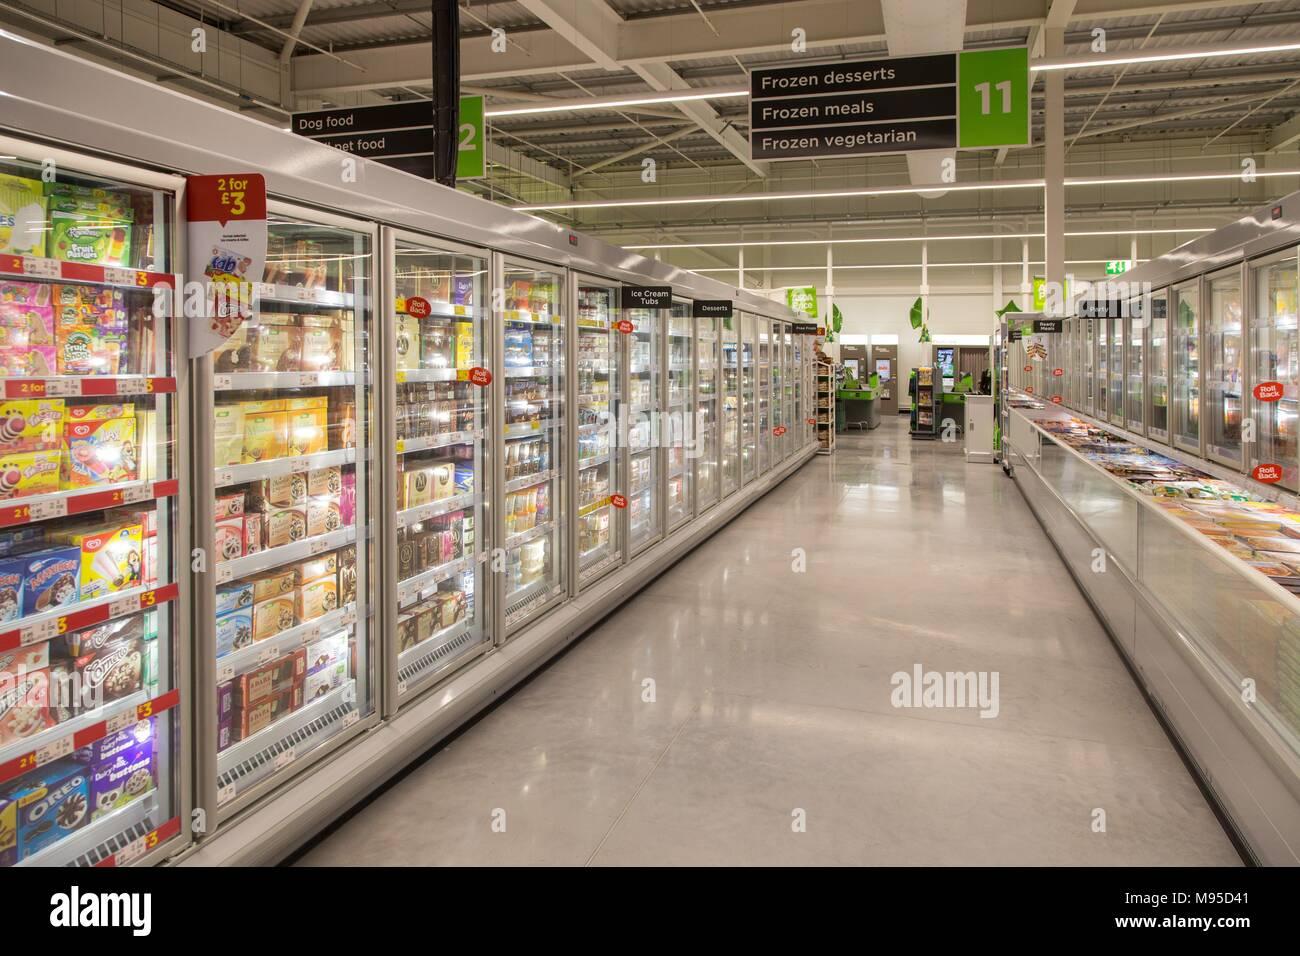 Les déserts et les repas congelés, plein congélateurs dans un supermarché Asda. Photo Stock